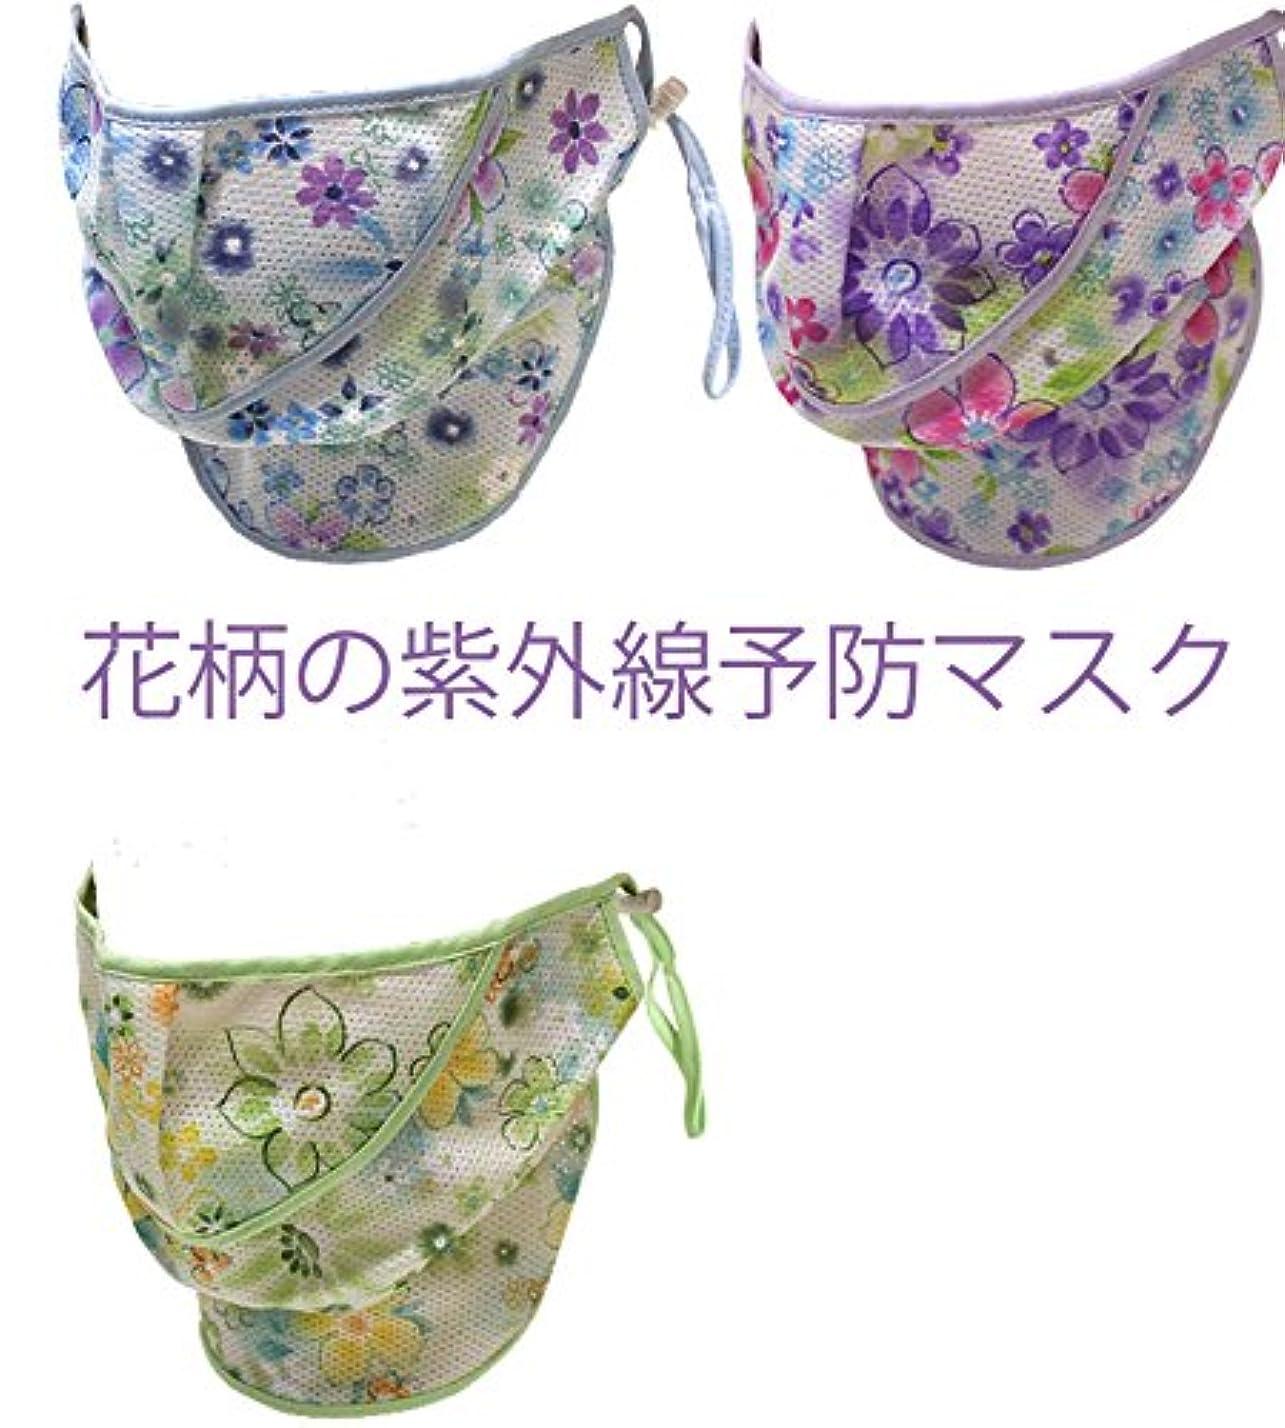 襟合理化誰かuvフェイスマスク,花柄の紫外線予防マスク、、緑色、、信頼できる韓国産